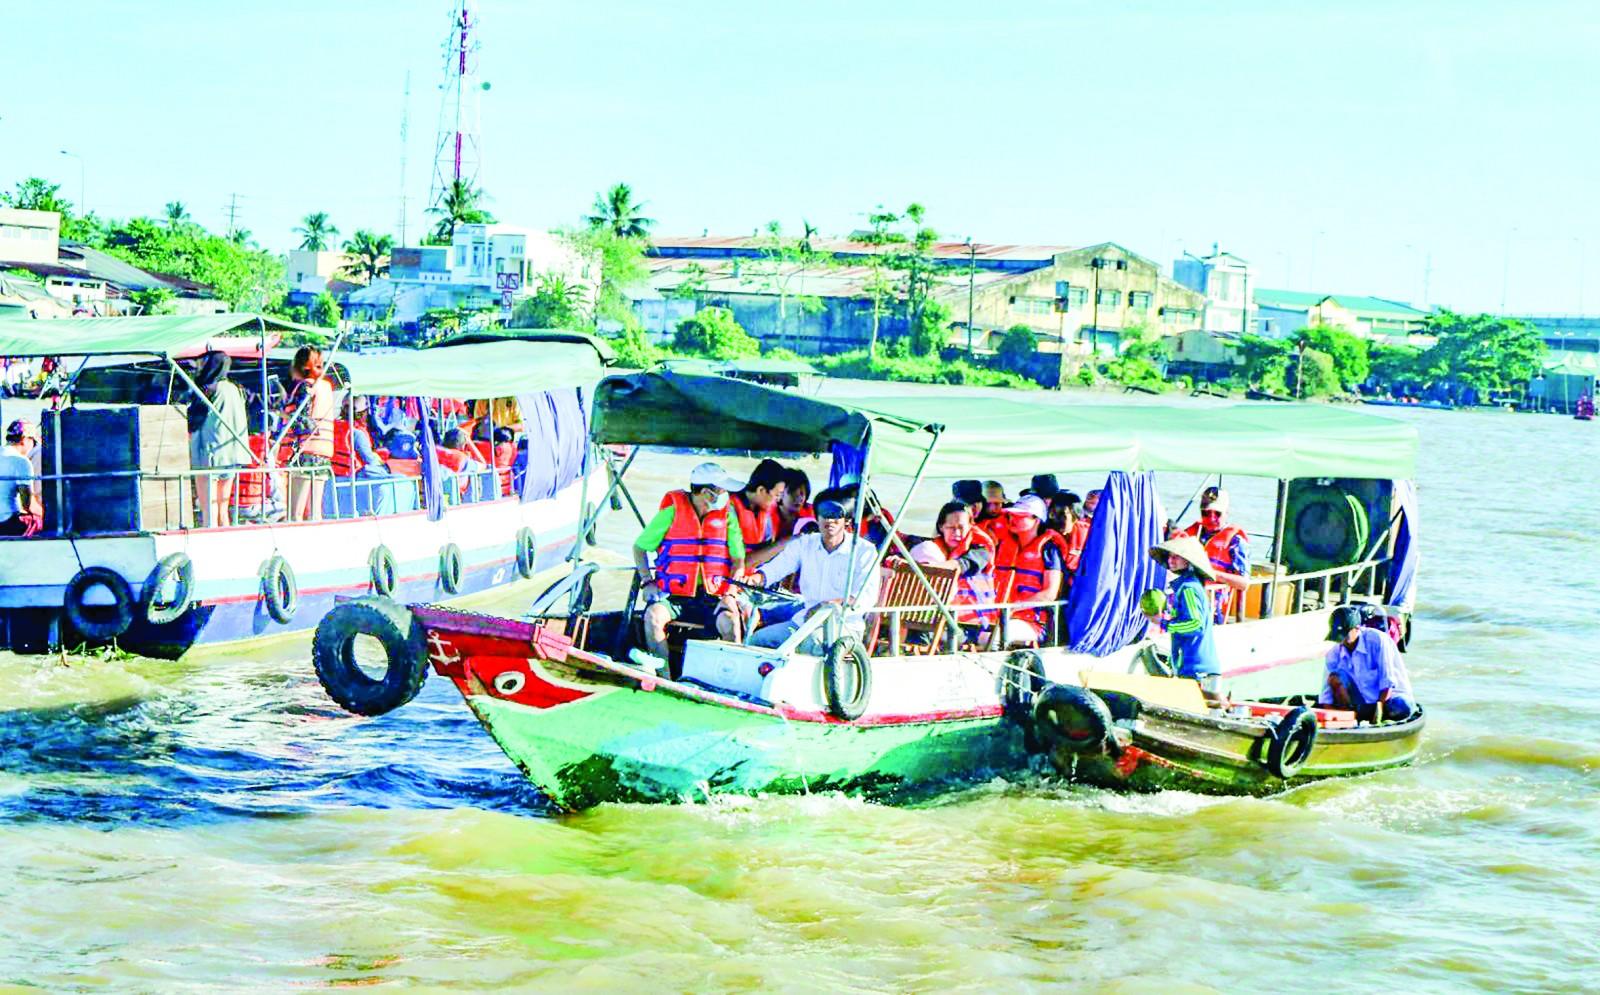 Nhiều ghe nhỏ cập vào tàu khách giới thiệu trái cây, nước uống là hoạt động thường thấy khi đến tham quan chợ nổi Cái Răng.